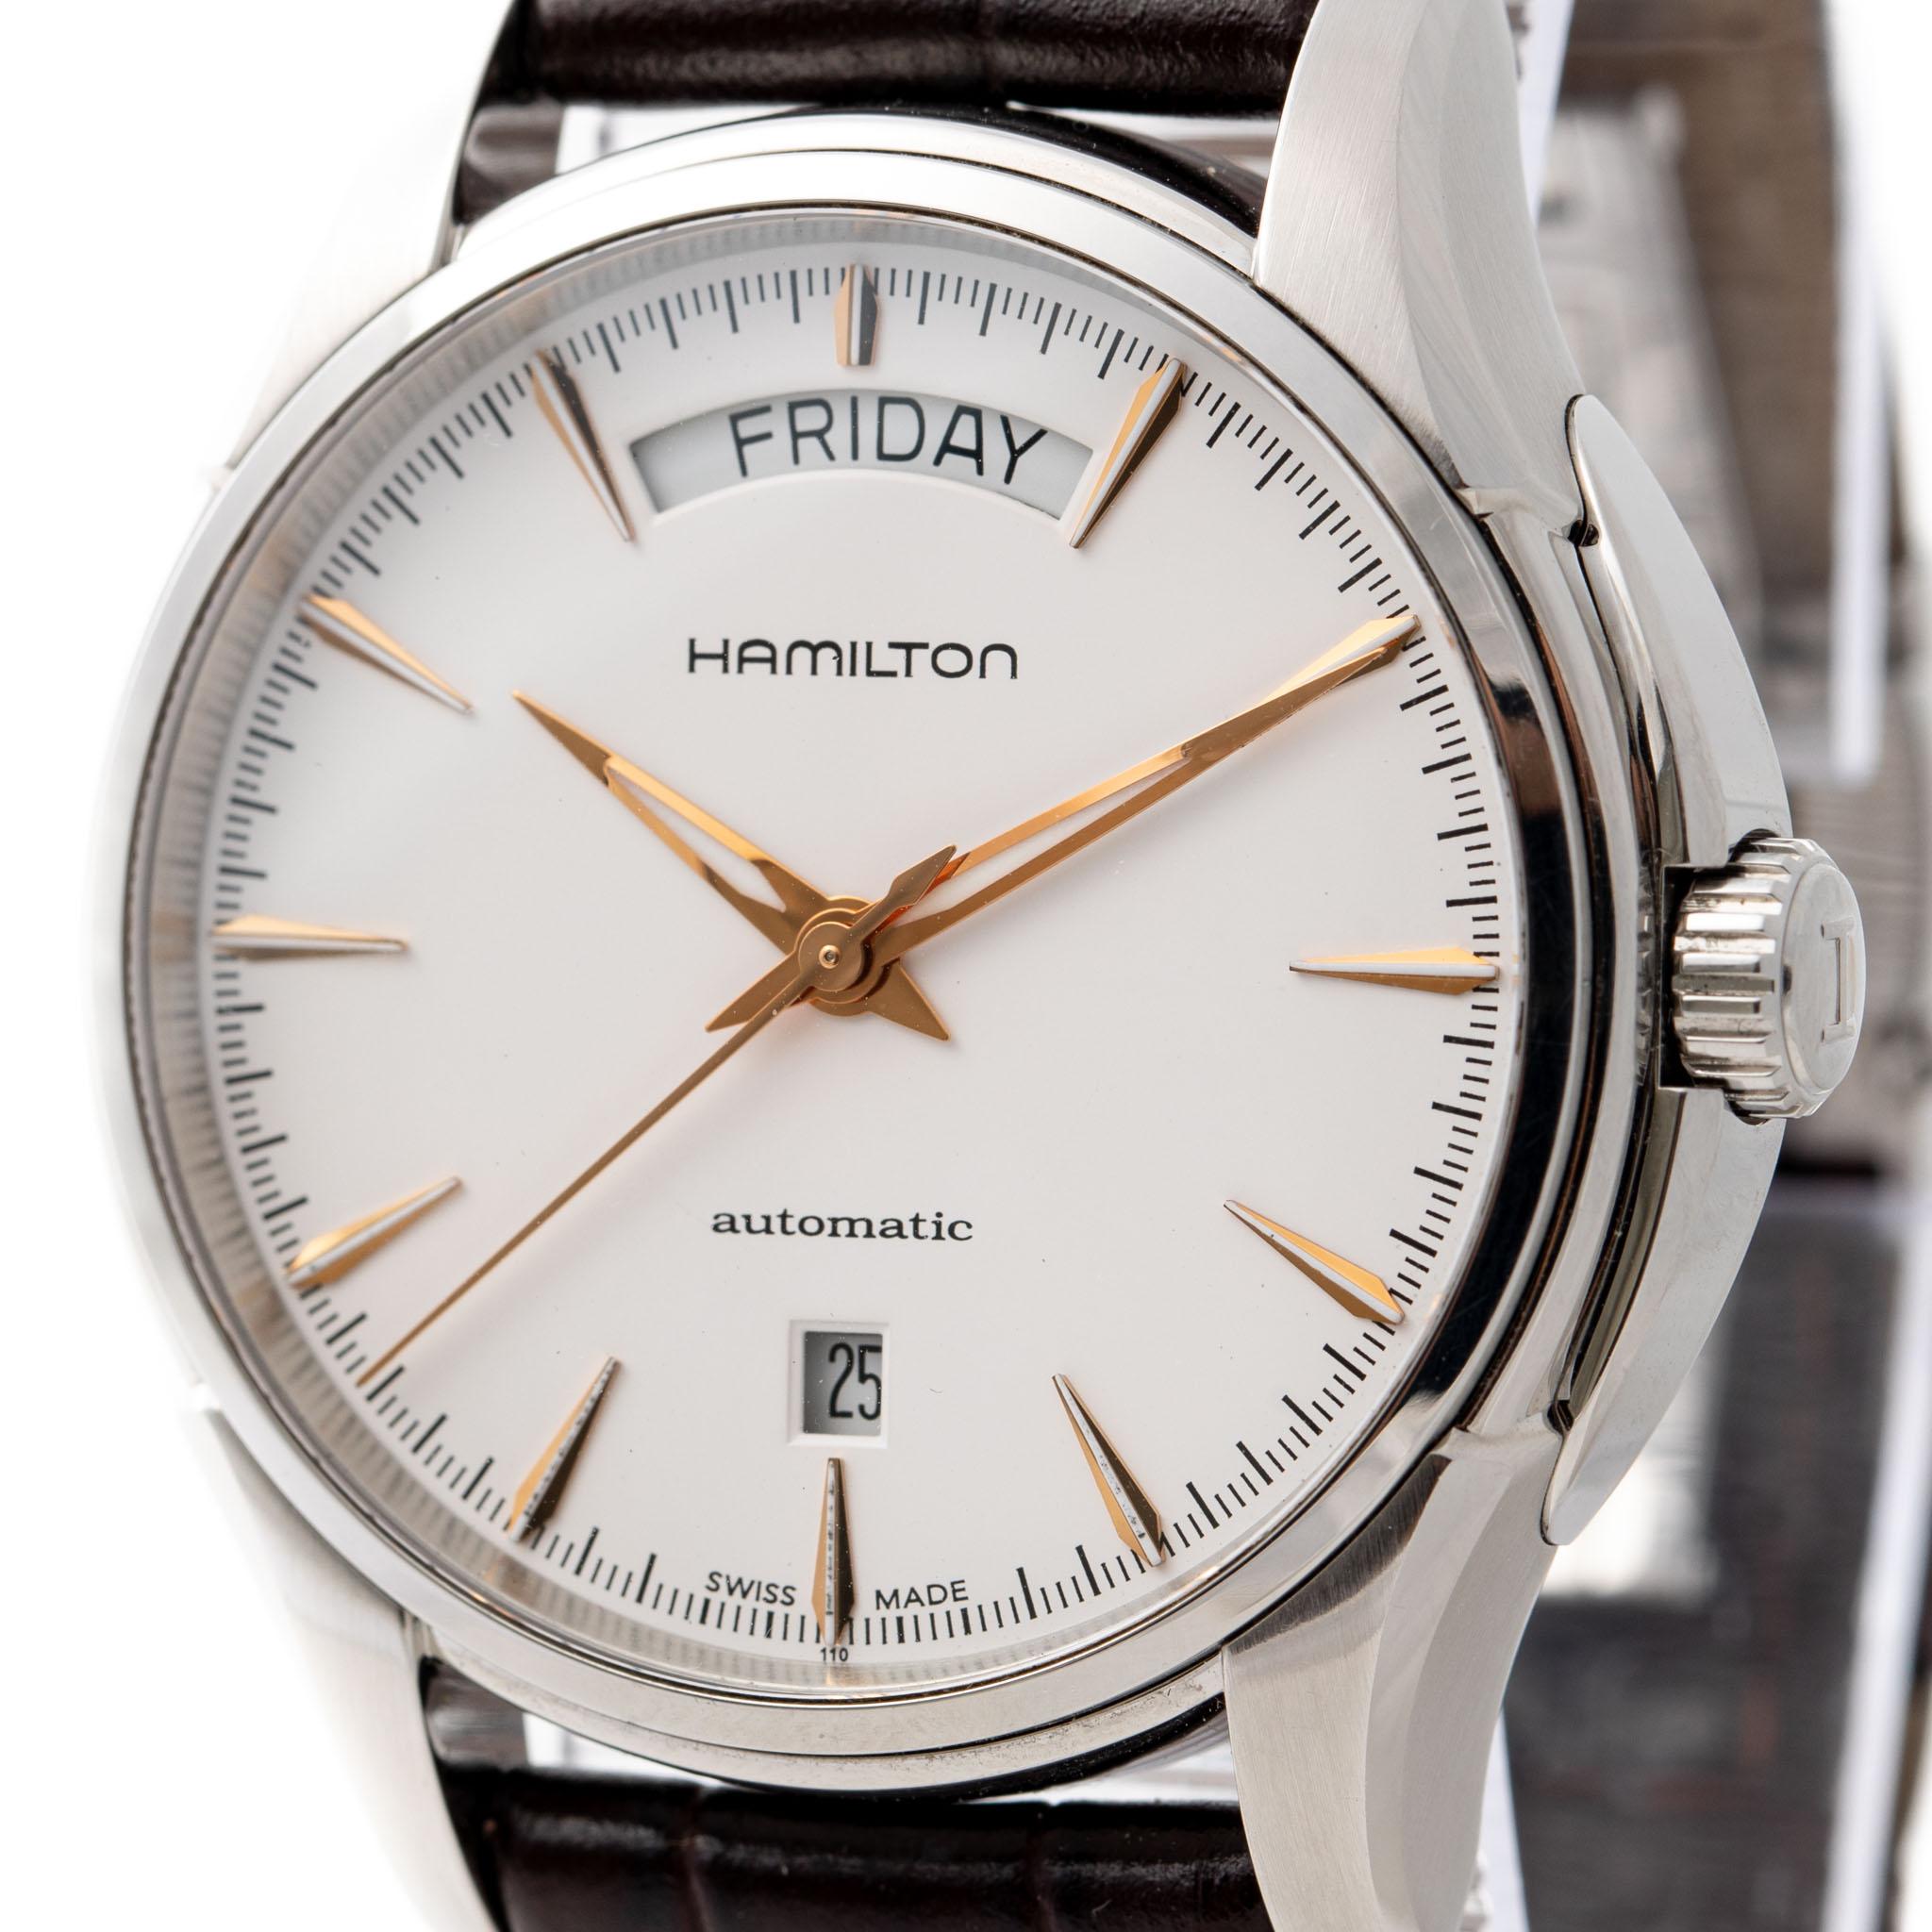 HAMILTON JAZZMASTER DAY DATE STEEL DATE REF: H325050